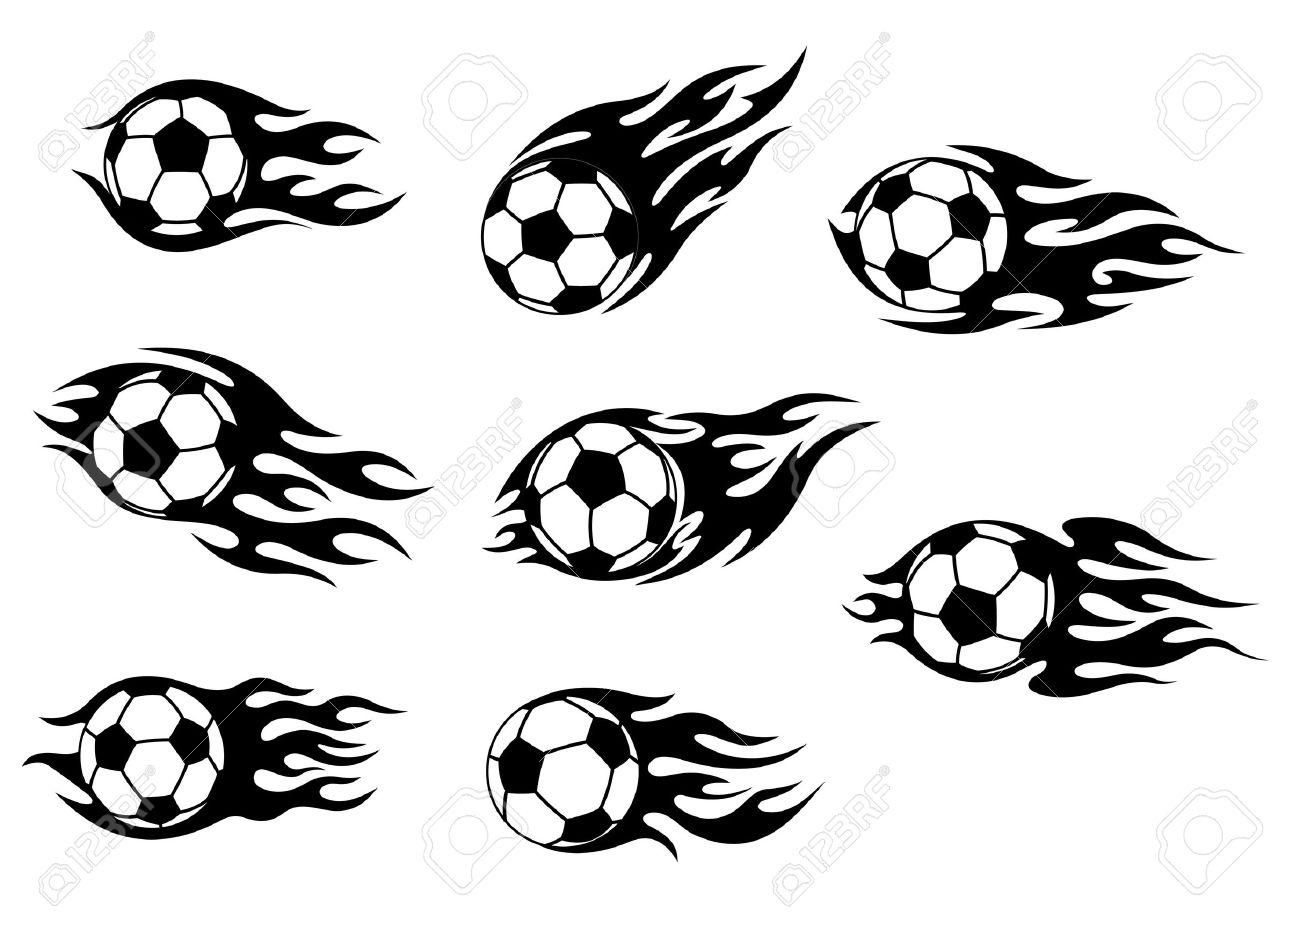 Fútbol Y Fútbol Tatuajes Con Llamas Tribales Ilustraciones